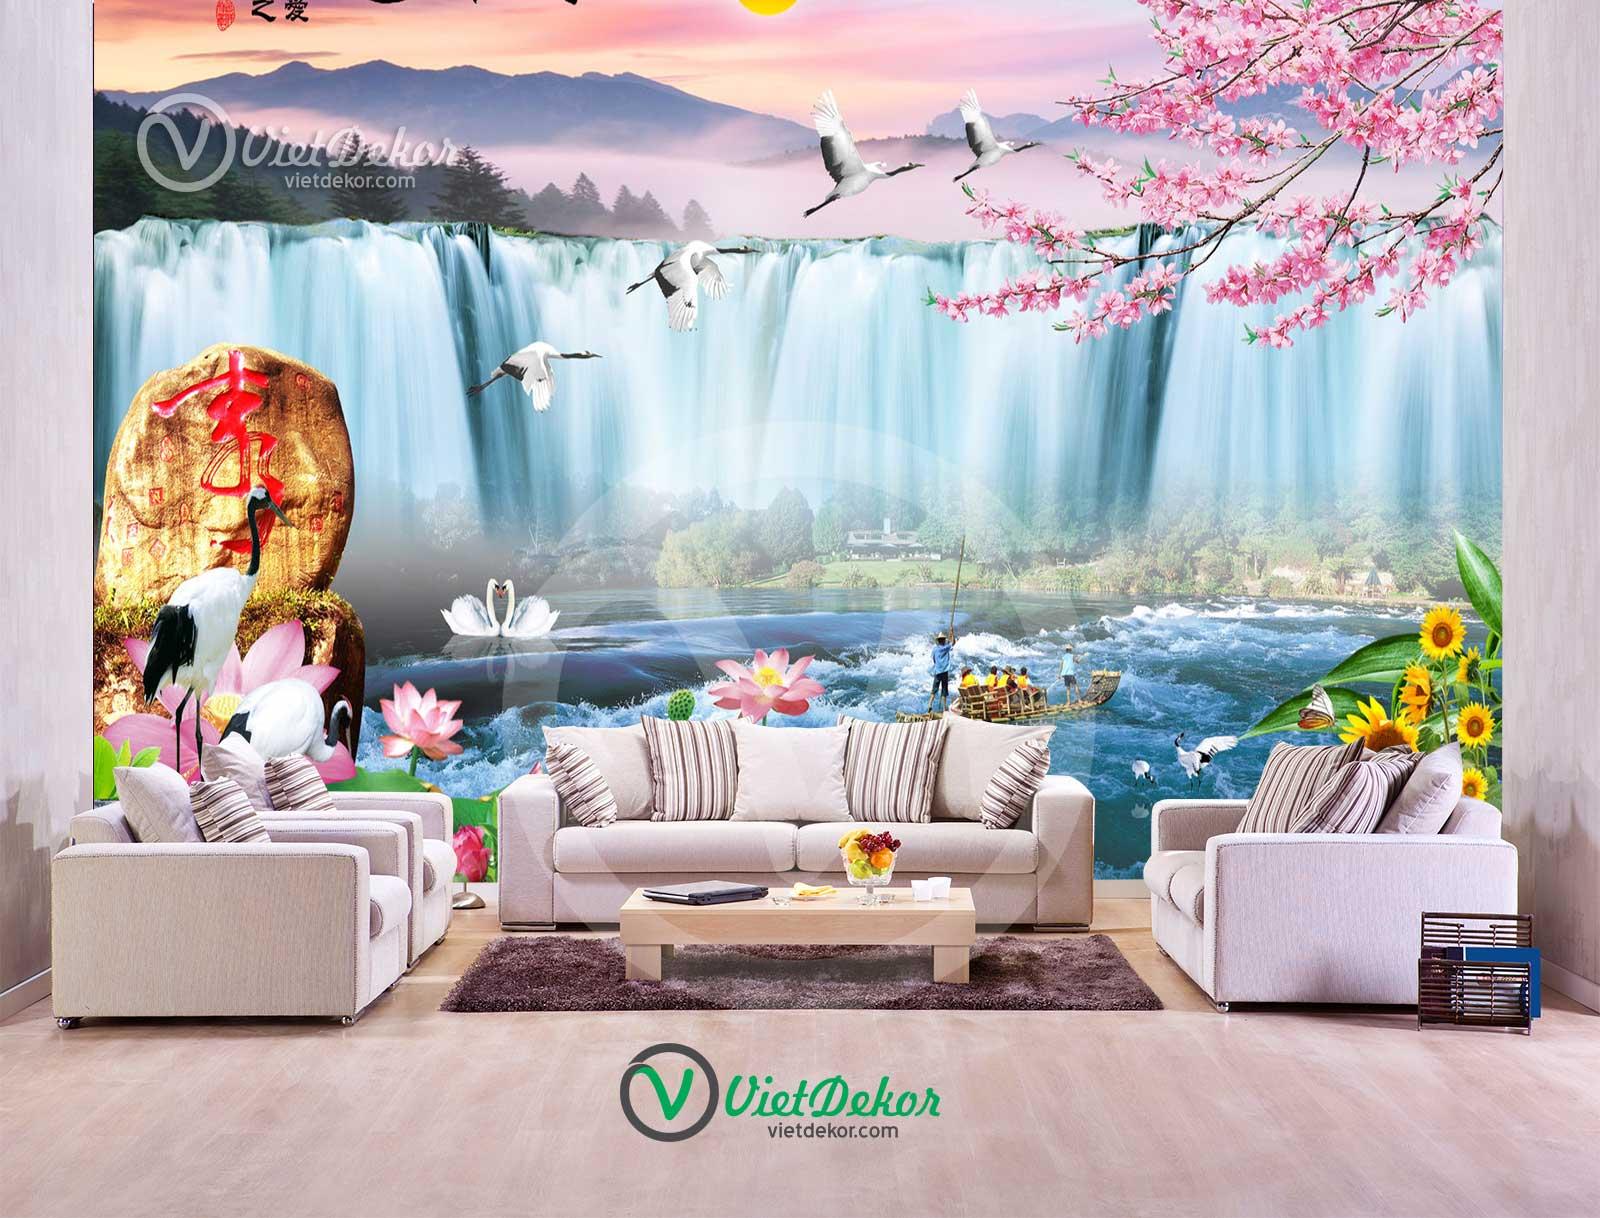 Tranh 3d phong cảnh thác nước hoa sen hoa ngọc lan